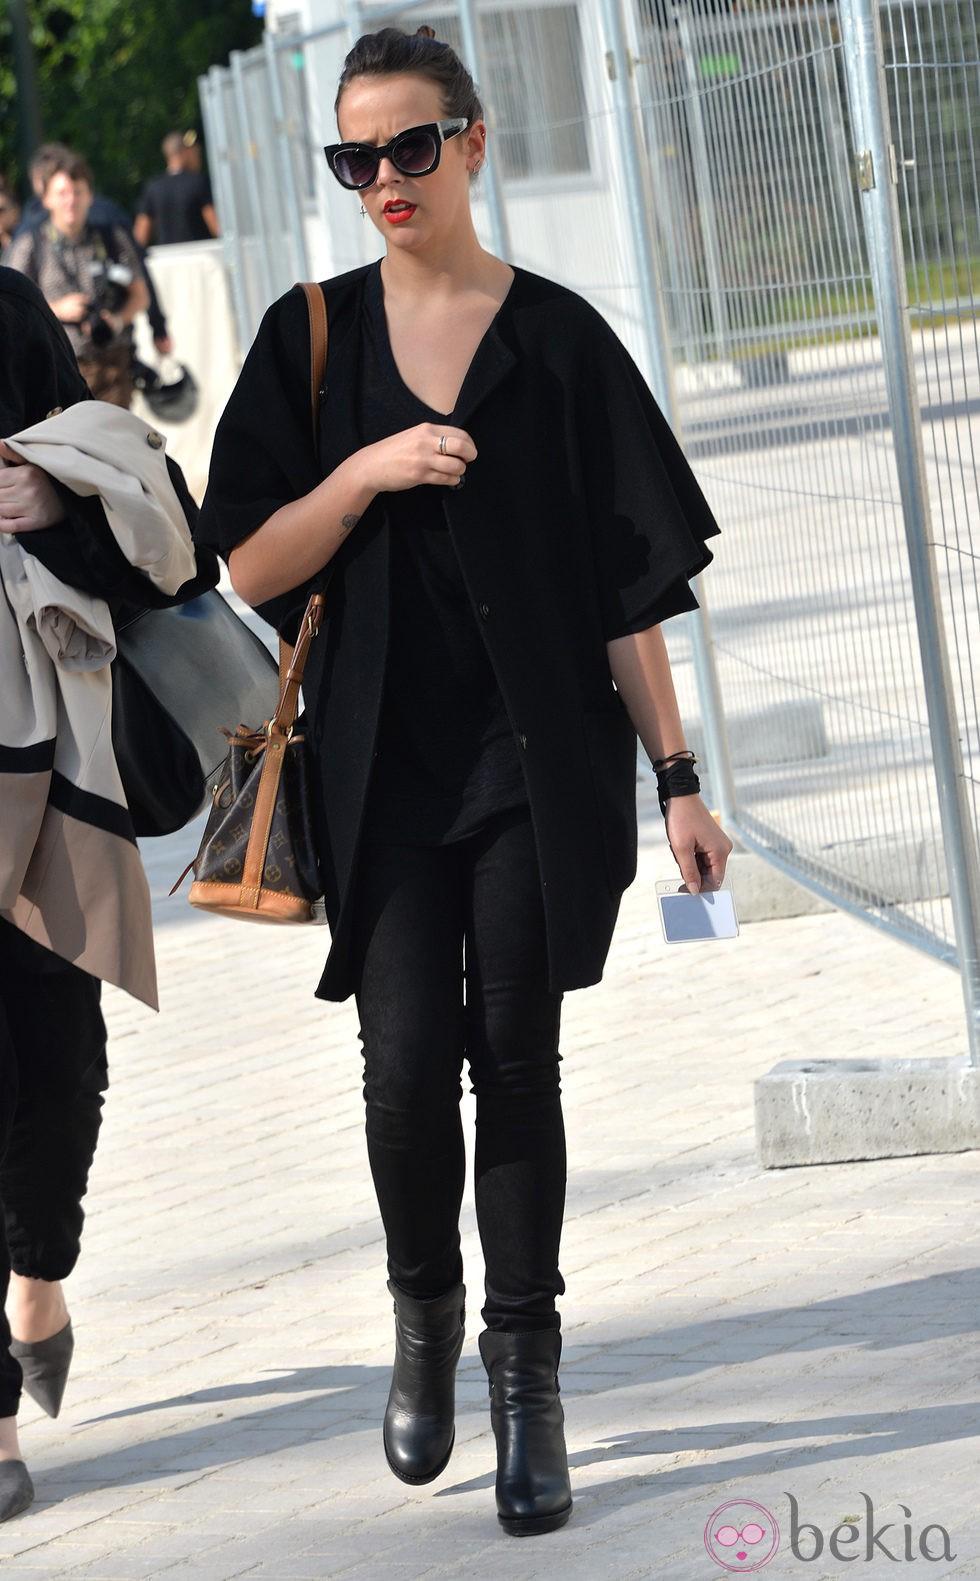 Pauline Ducruet en el desfile de Louis Vuitton en la Semana de la Moda de París primavera/verano 2015